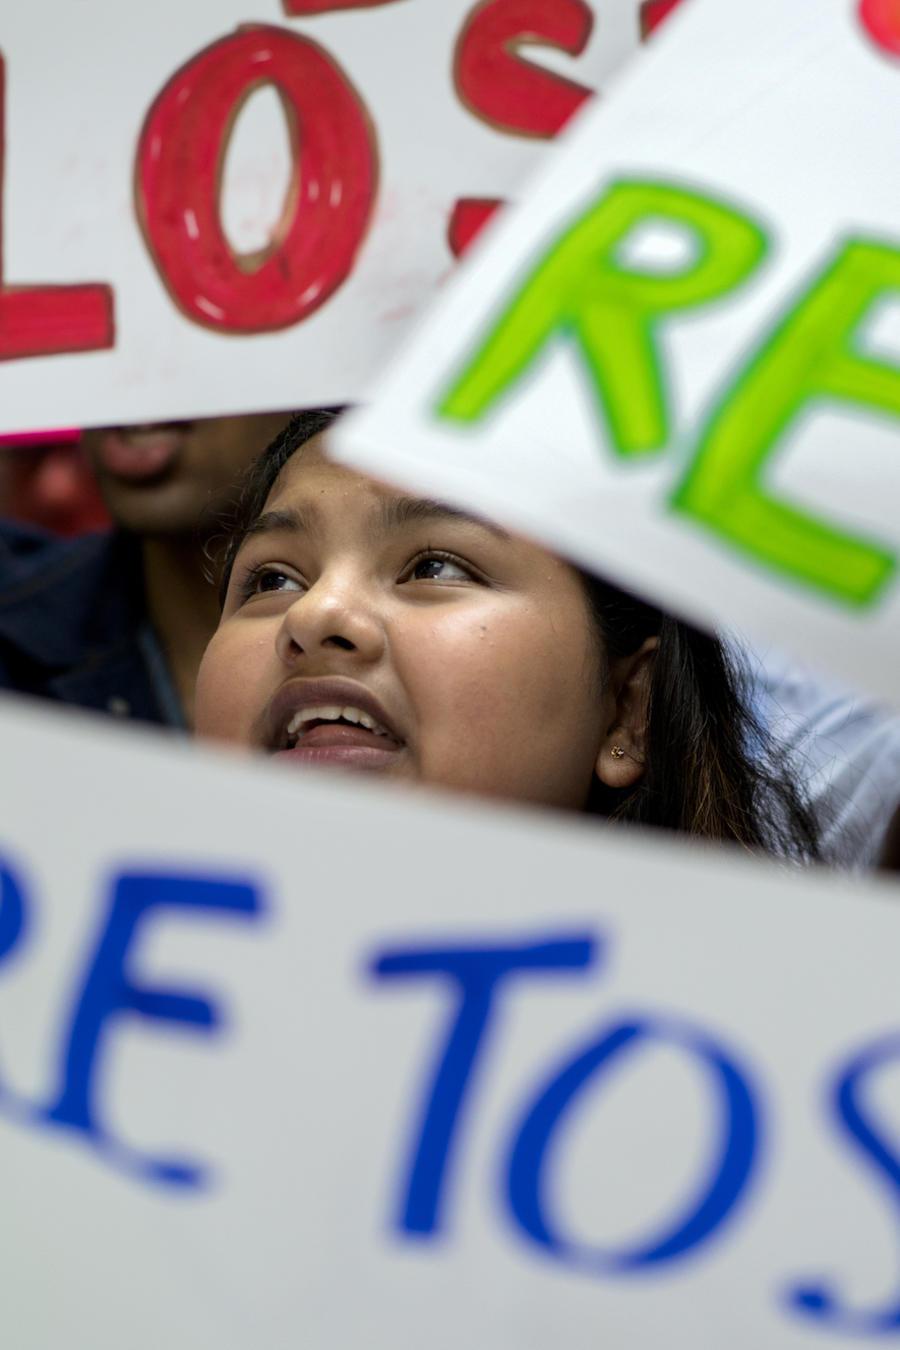 Protesta a favor de DACA el 15 de agosto en Nueva York.